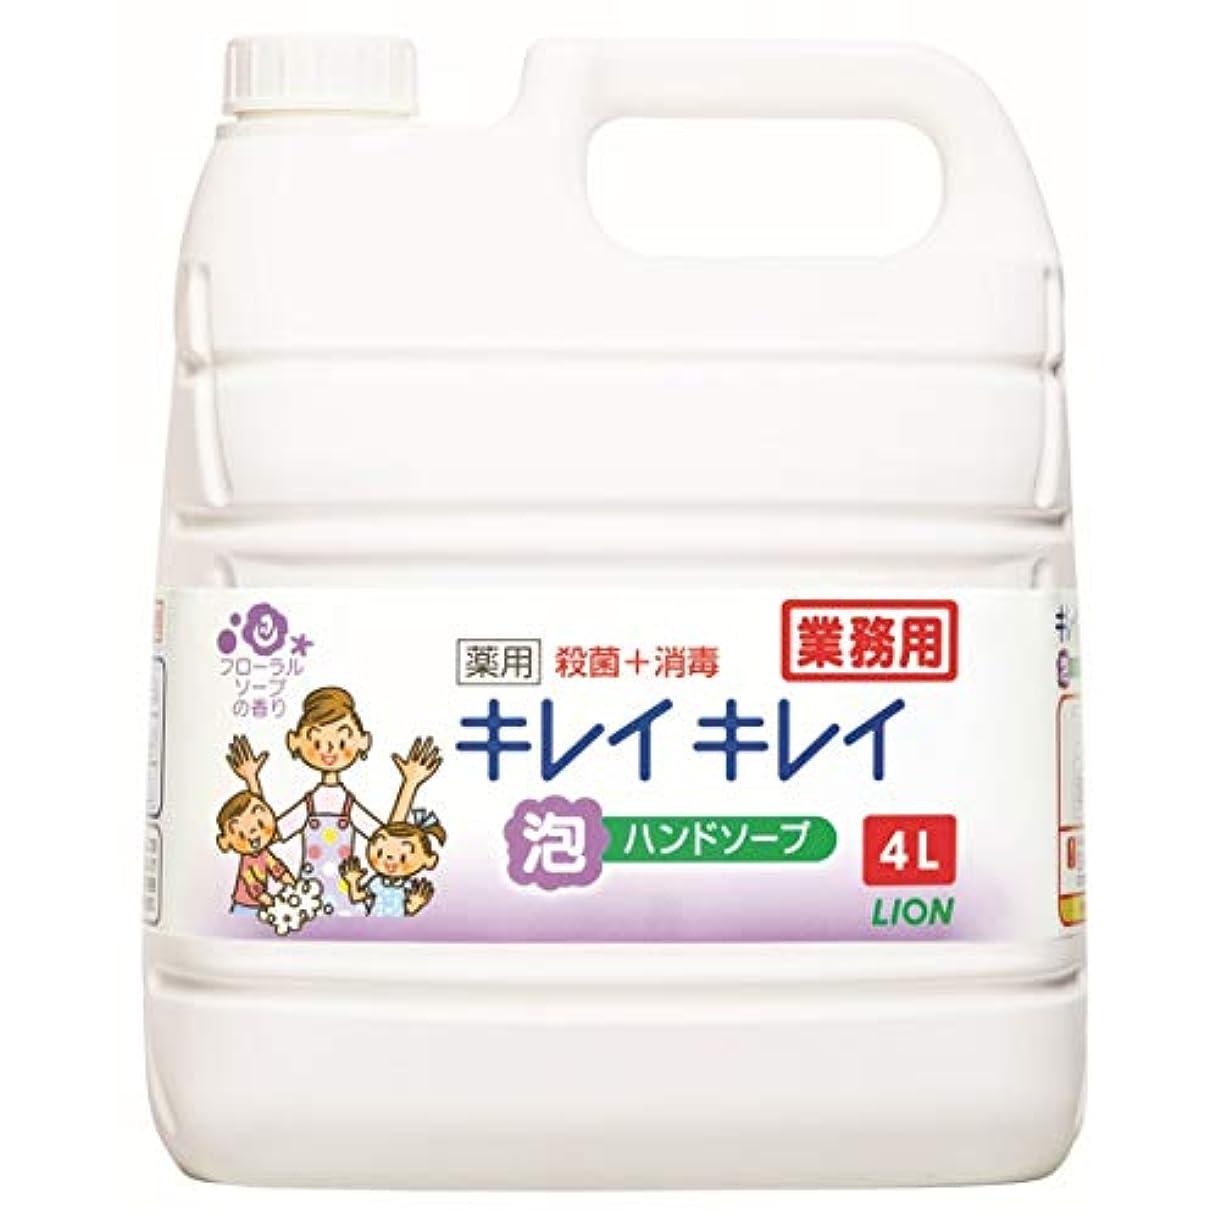 準備した検出器各【業務用 大容量】キレイキレイ 薬用 泡ハンドソープフローラルソープの香り 4L(医薬部外品)